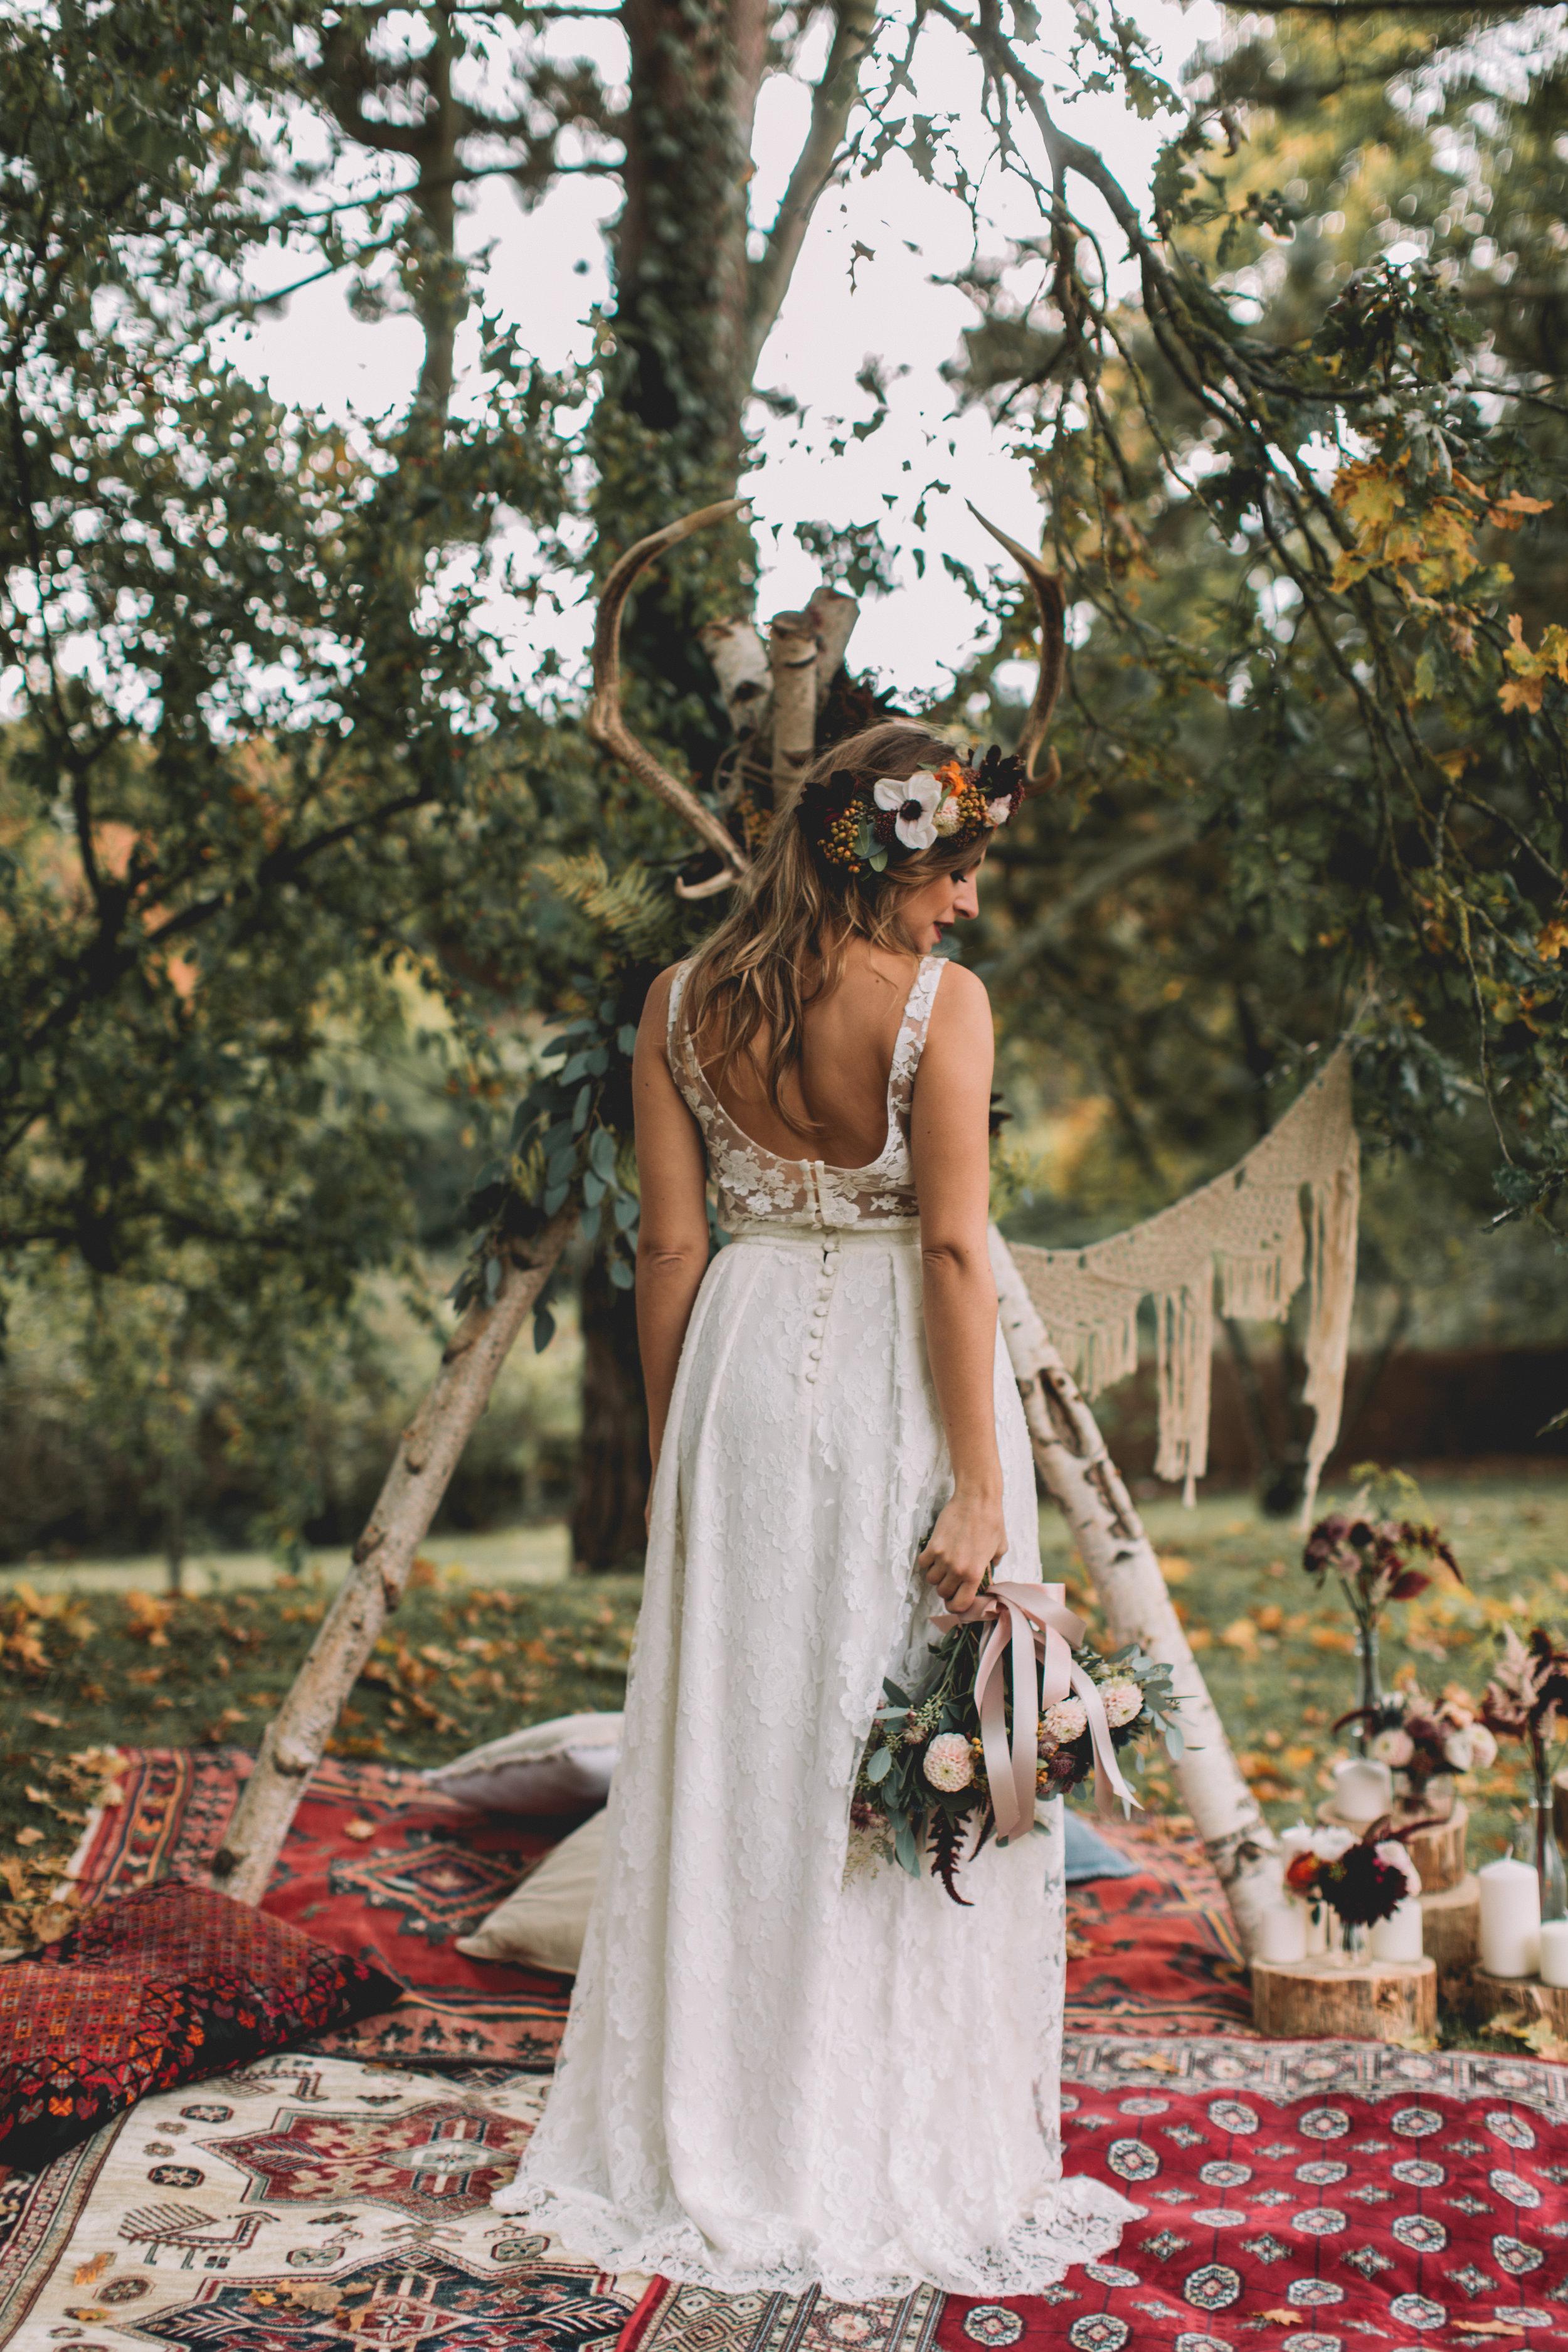 bröllop+boho+höst+brudklänning+brudbukett